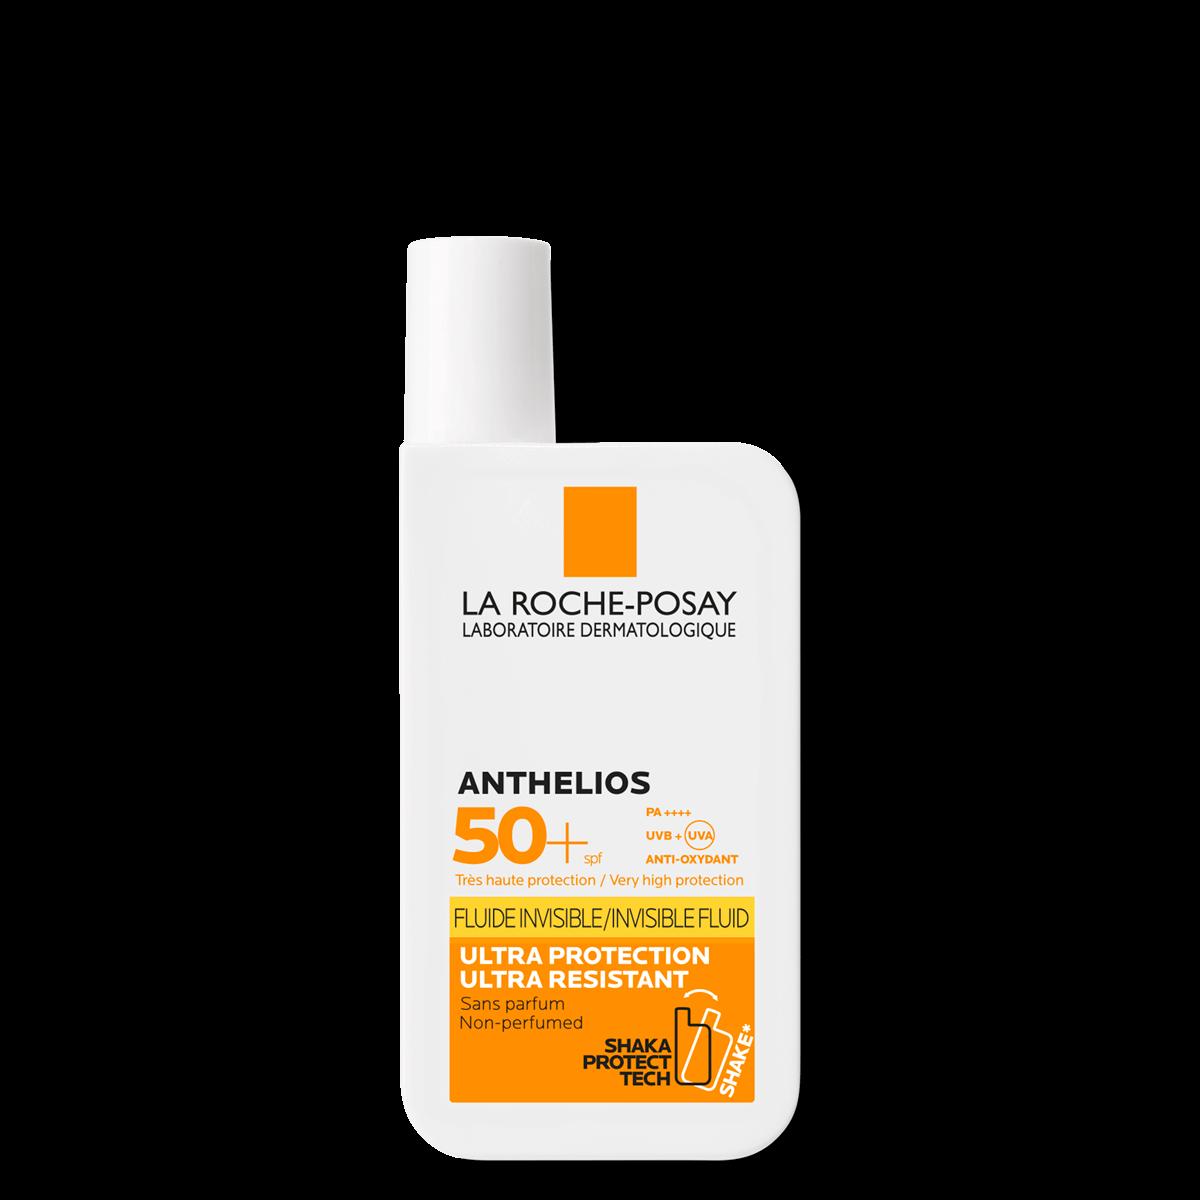 LaRochePosay-Produkt-Sol-Anthelios-InvisibleFluidSpf50-50ml-utan-parfym-30162662-FWS